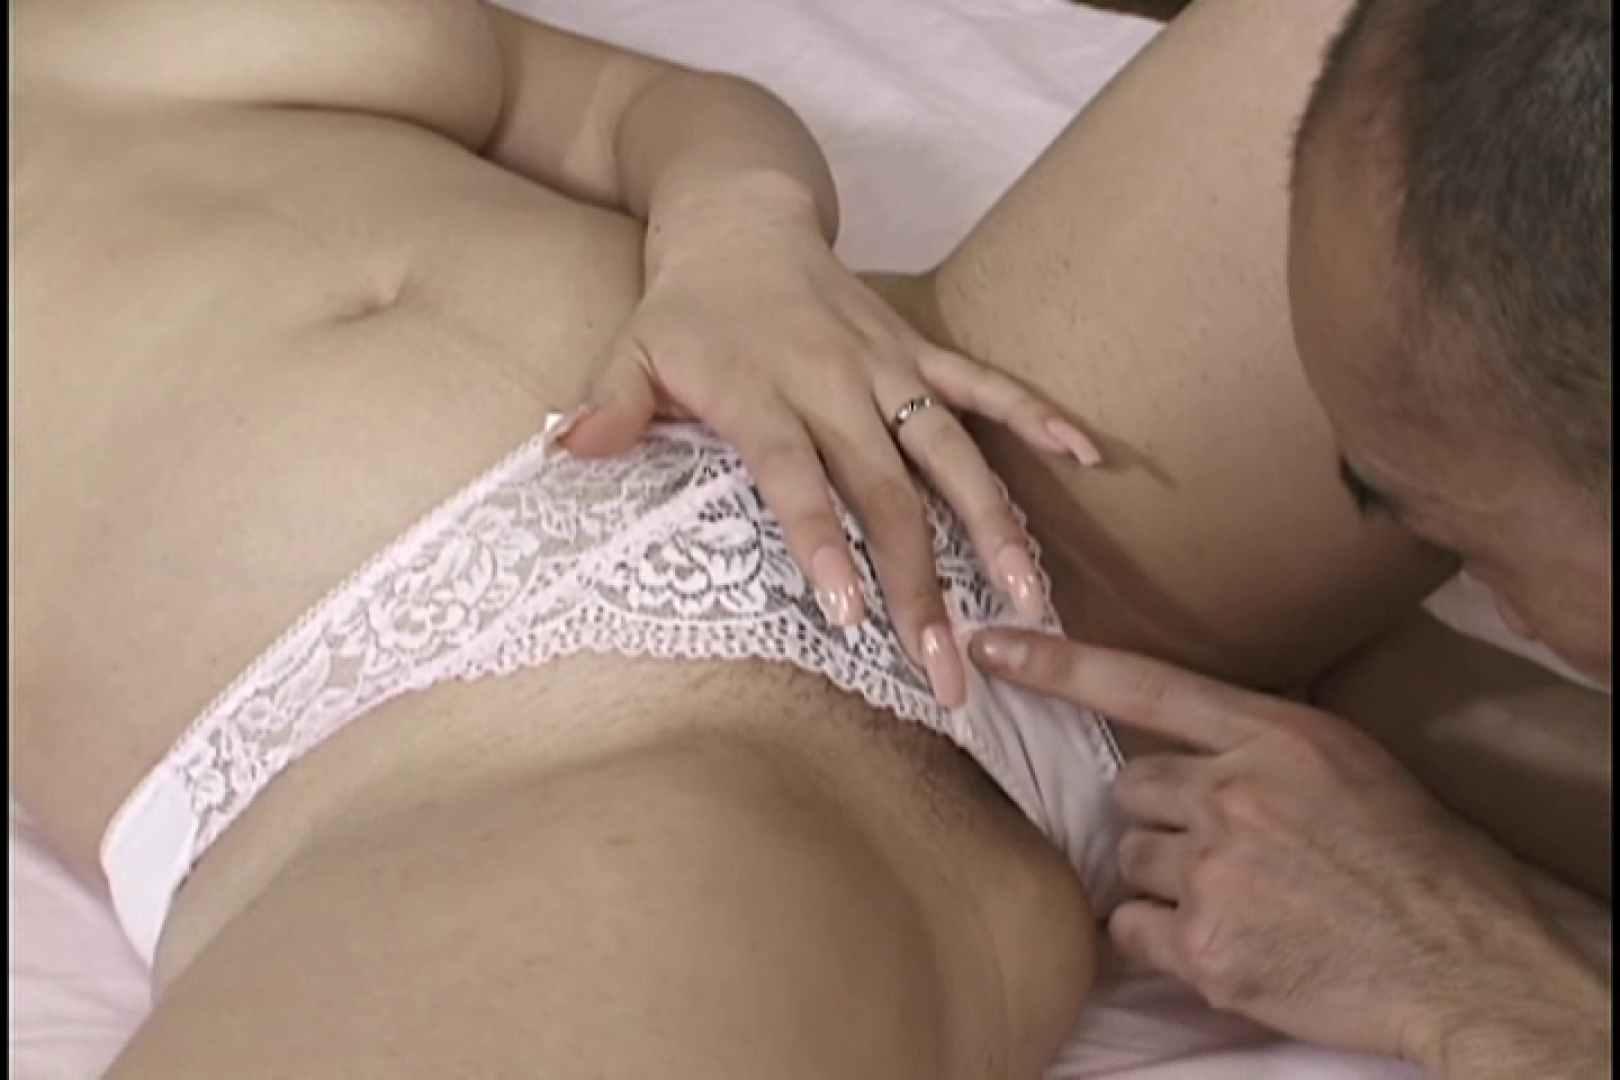 エロフェロモン全開の90センチ巨乳の淫乱人妻とSEX~篠崎麻美~ 淫乱ガールズ | 超エロ人妻  92枚 91